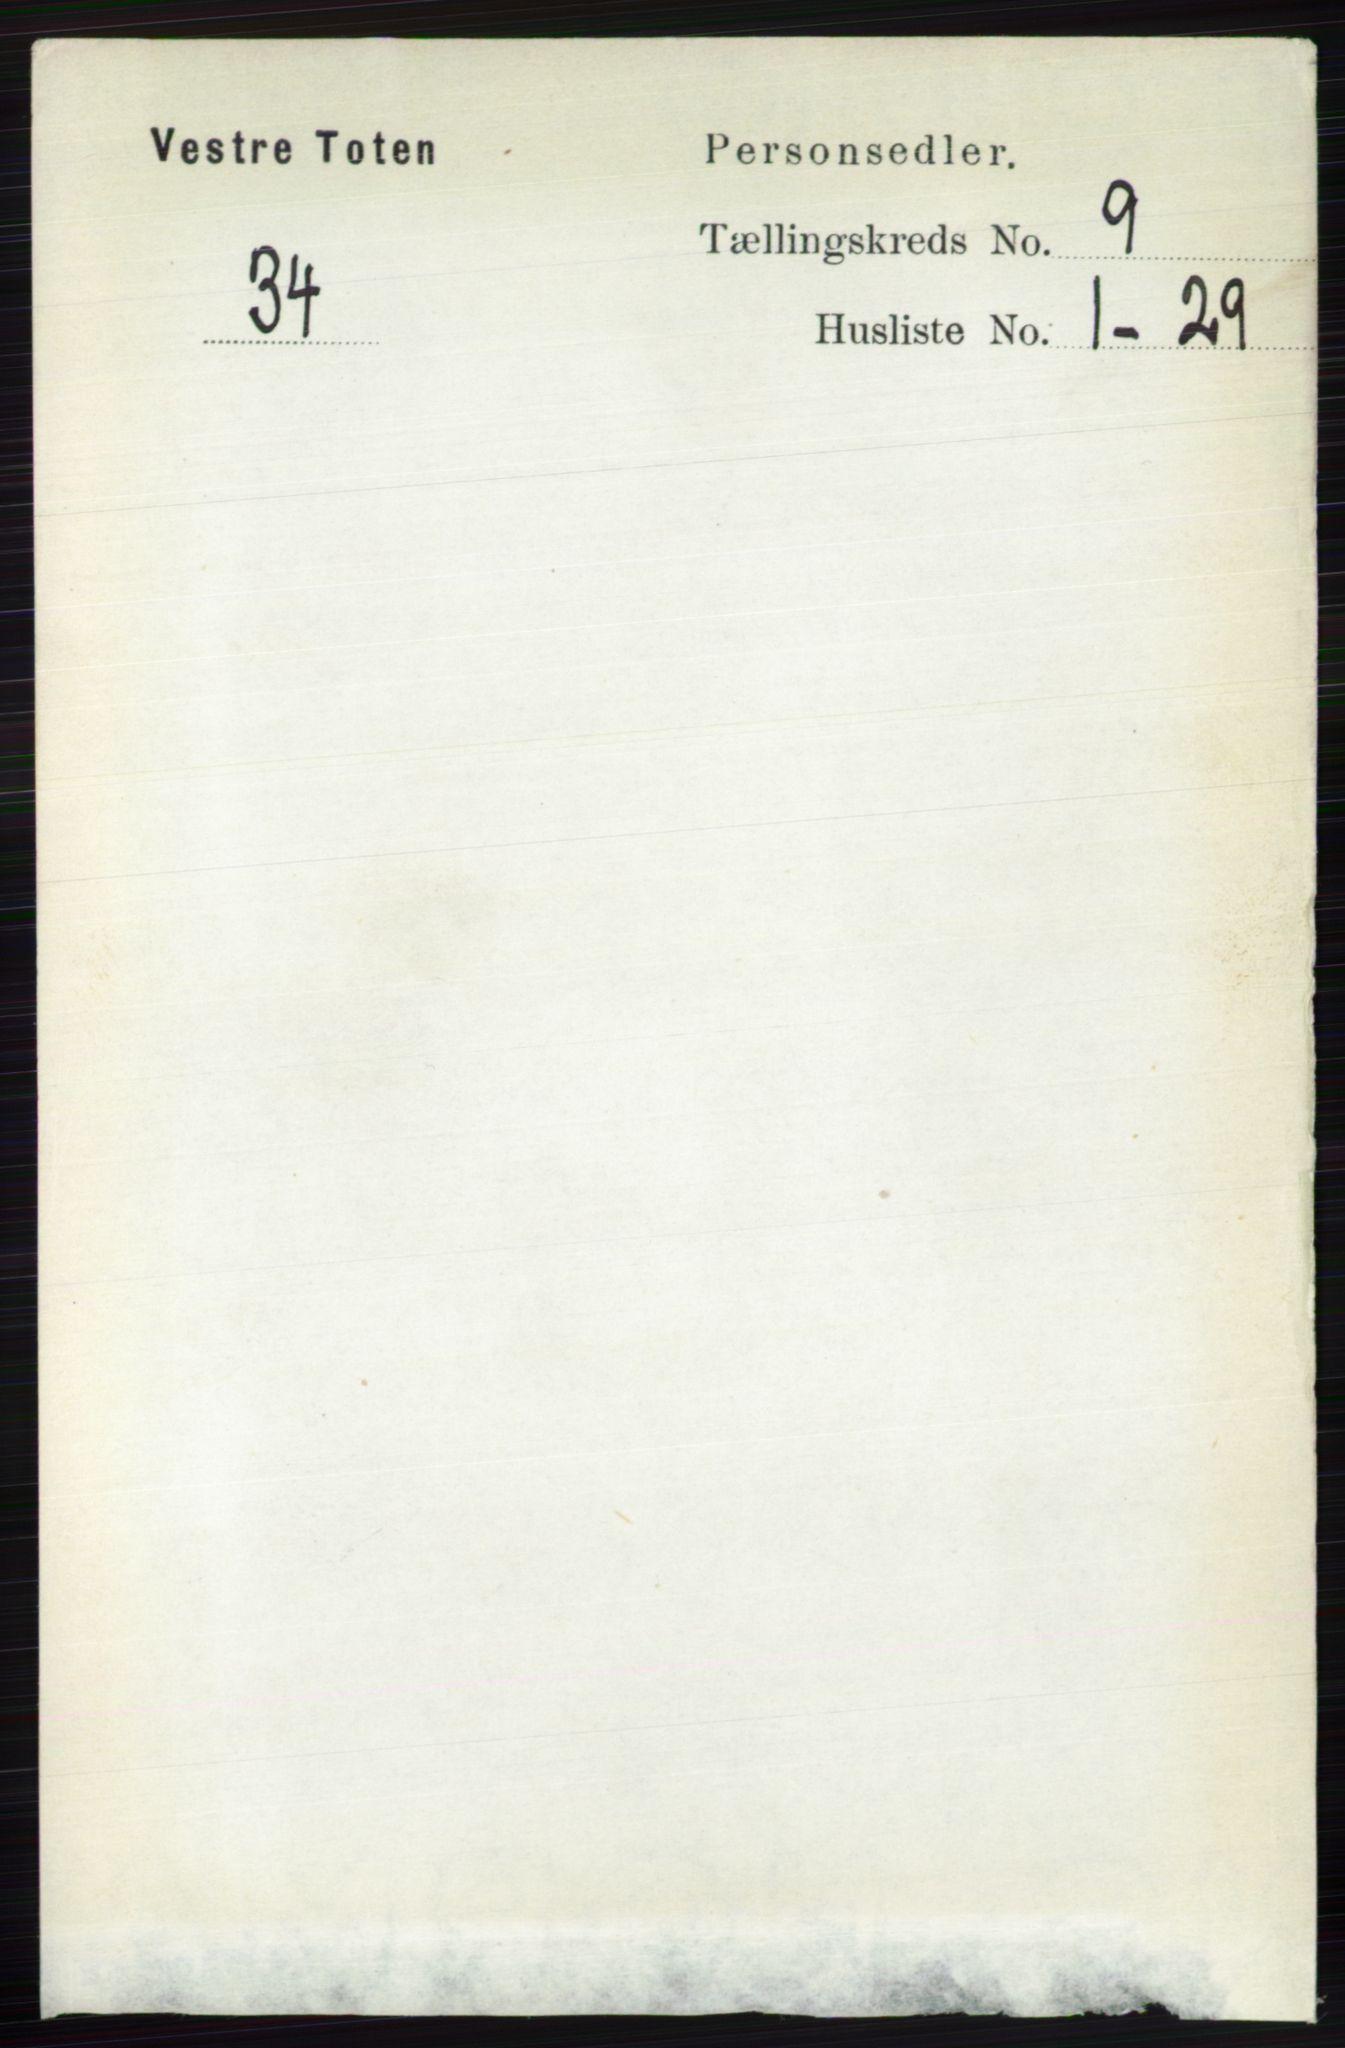 RA, Folketelling 1891 for 0529 Vestre Toten herred, 1891, s. 5545